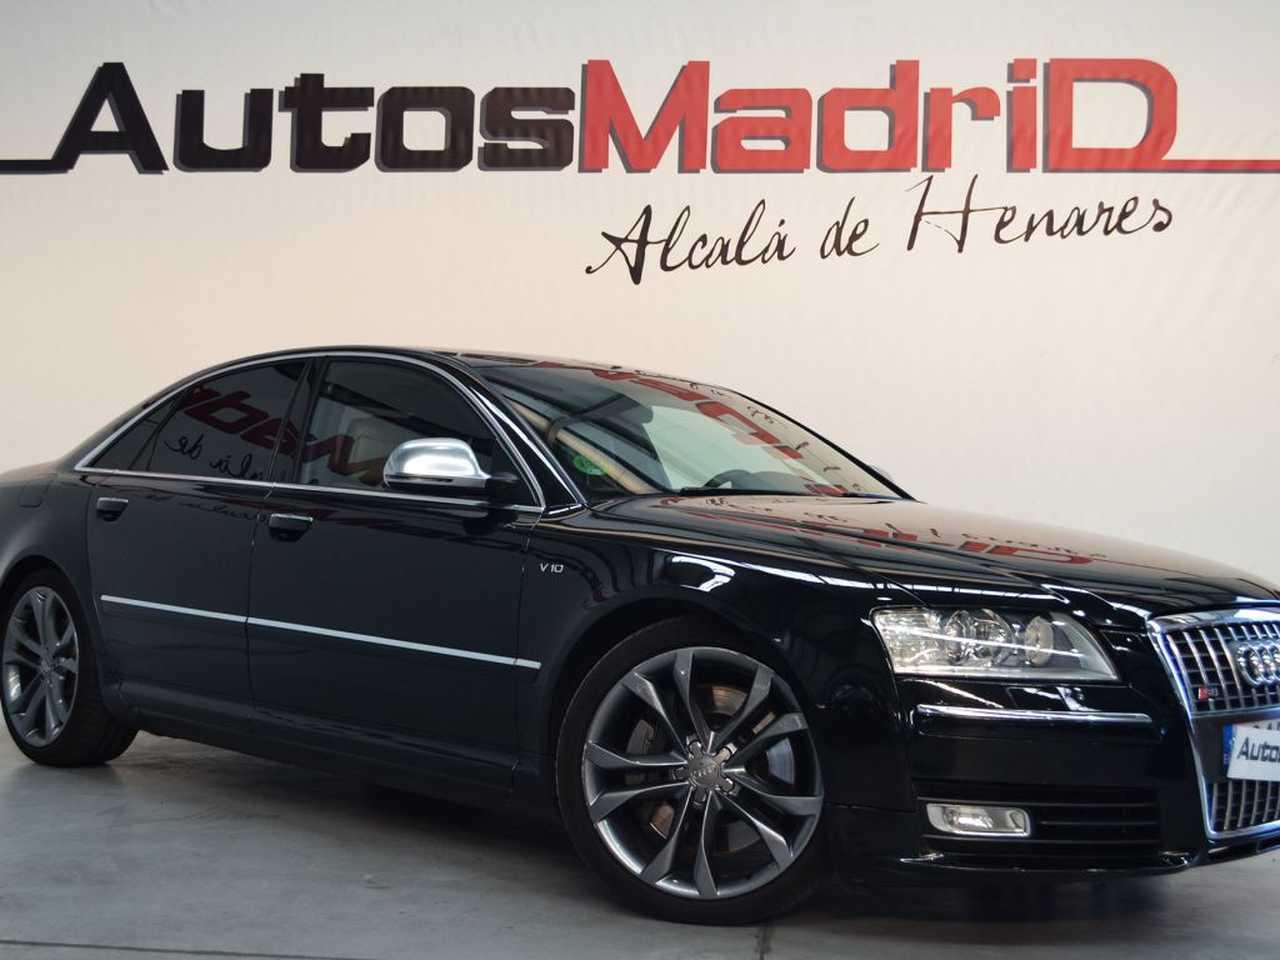 Audi S8 Gasolina en Alcalá de Henares